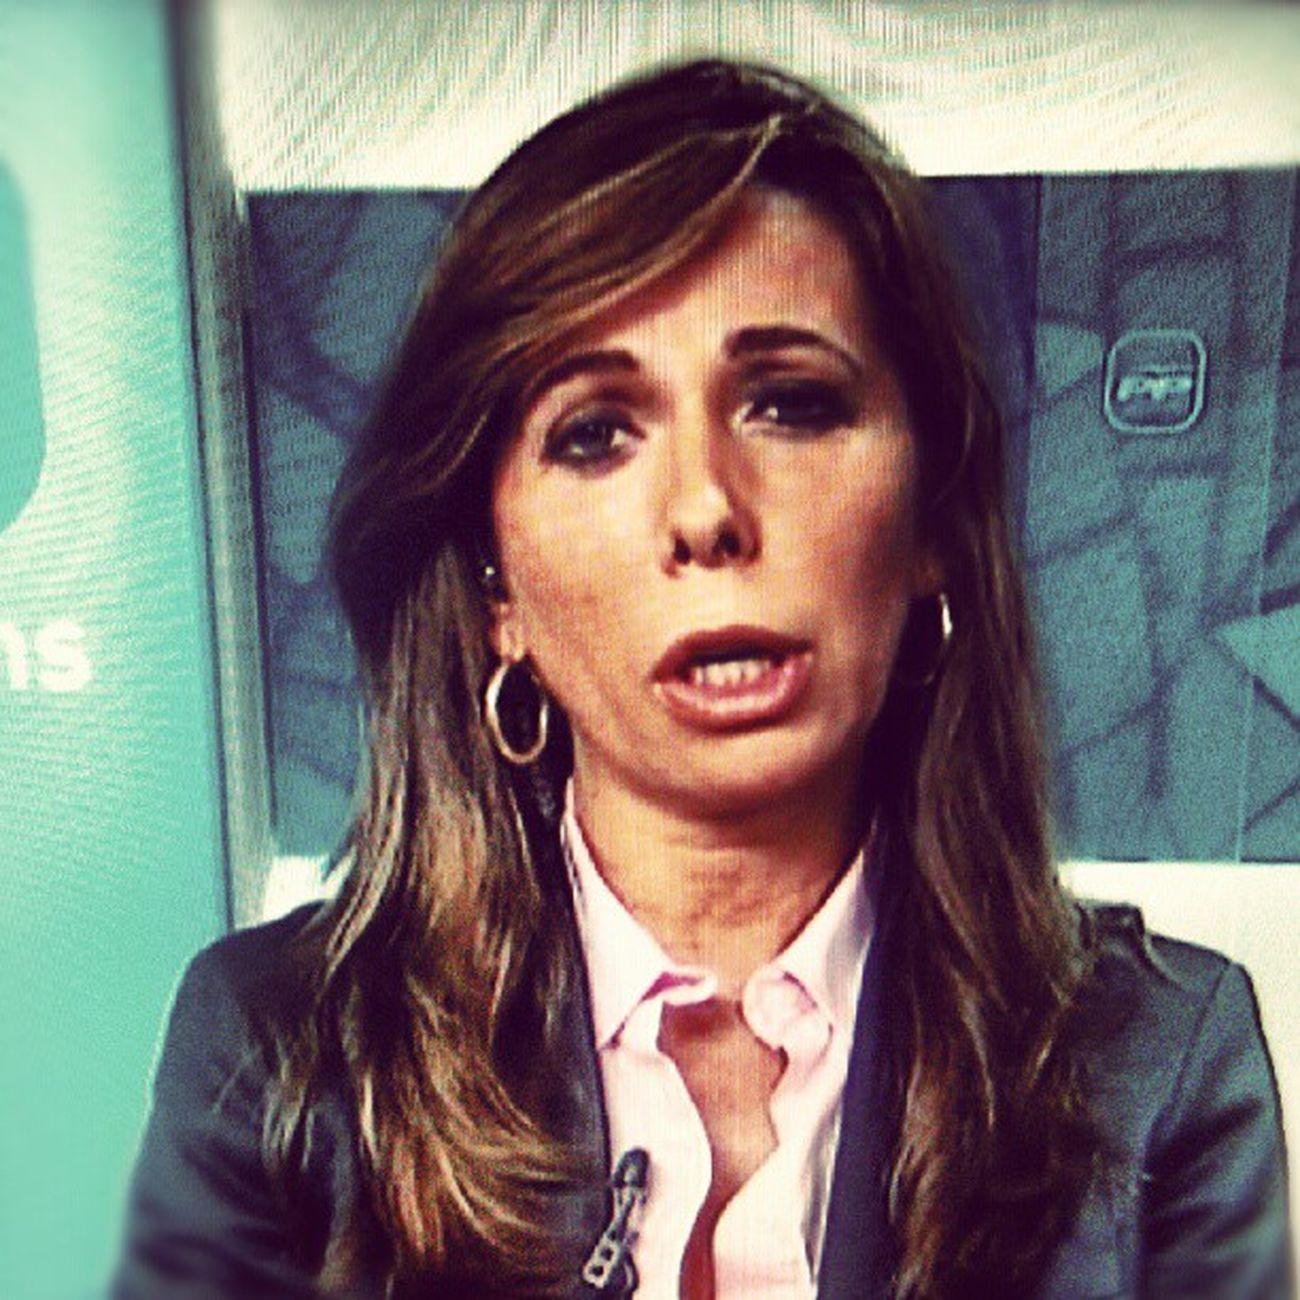 #puton#desgraciada#mentiras#bocatuerta#quesejodan Mentiras Puton Bocatuerta Desgraciada Quesejodan